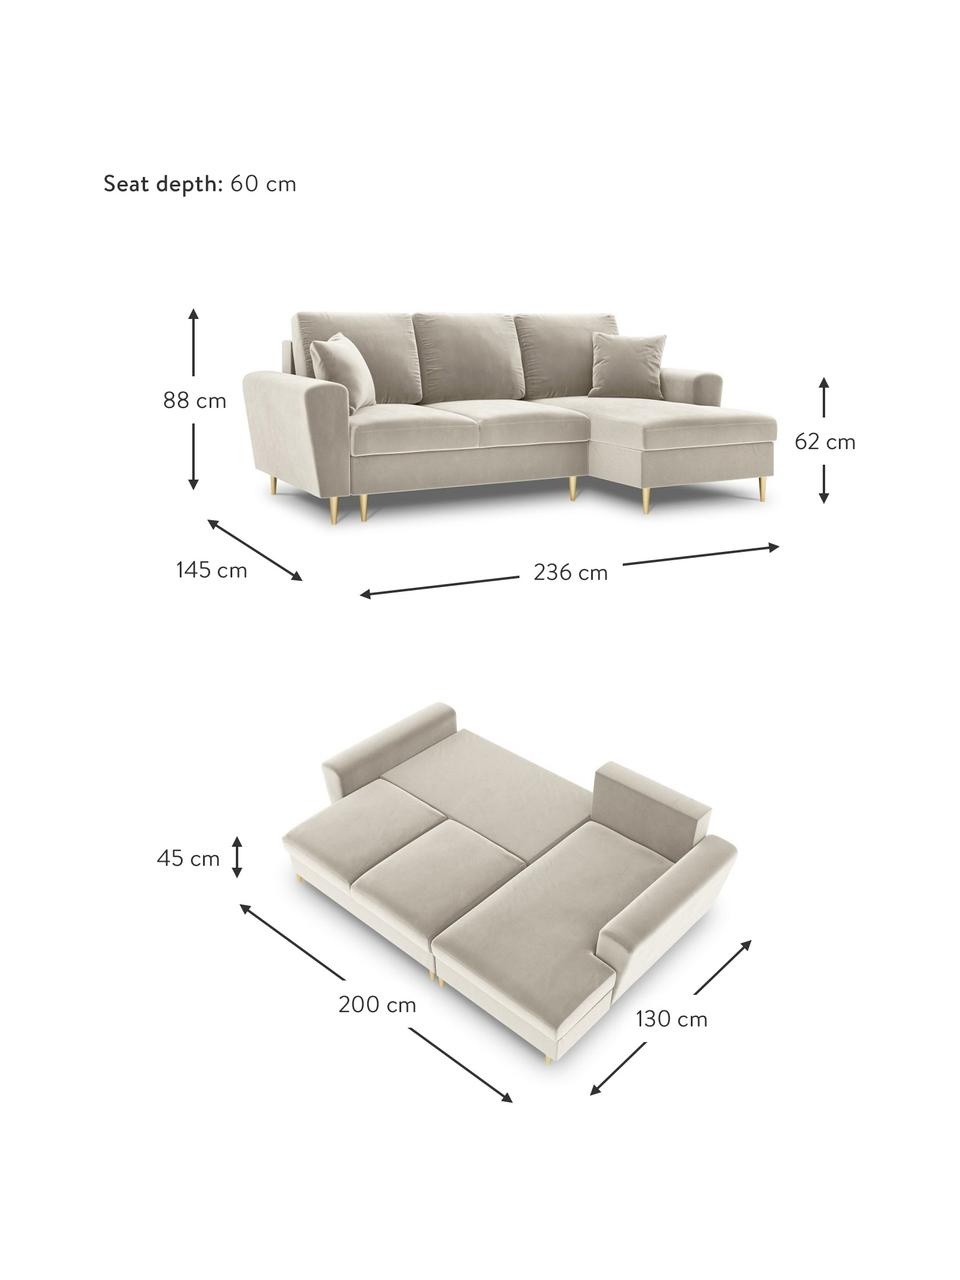 Sofa narożna z aksamitu z funkcją spania i miejscem do przechowywania Moghan (4-osobowa), Tapicerka: 100% aksamit poliestrowy , Nogi: metal powlekany, Beżowy, S 236 x G 145 cm